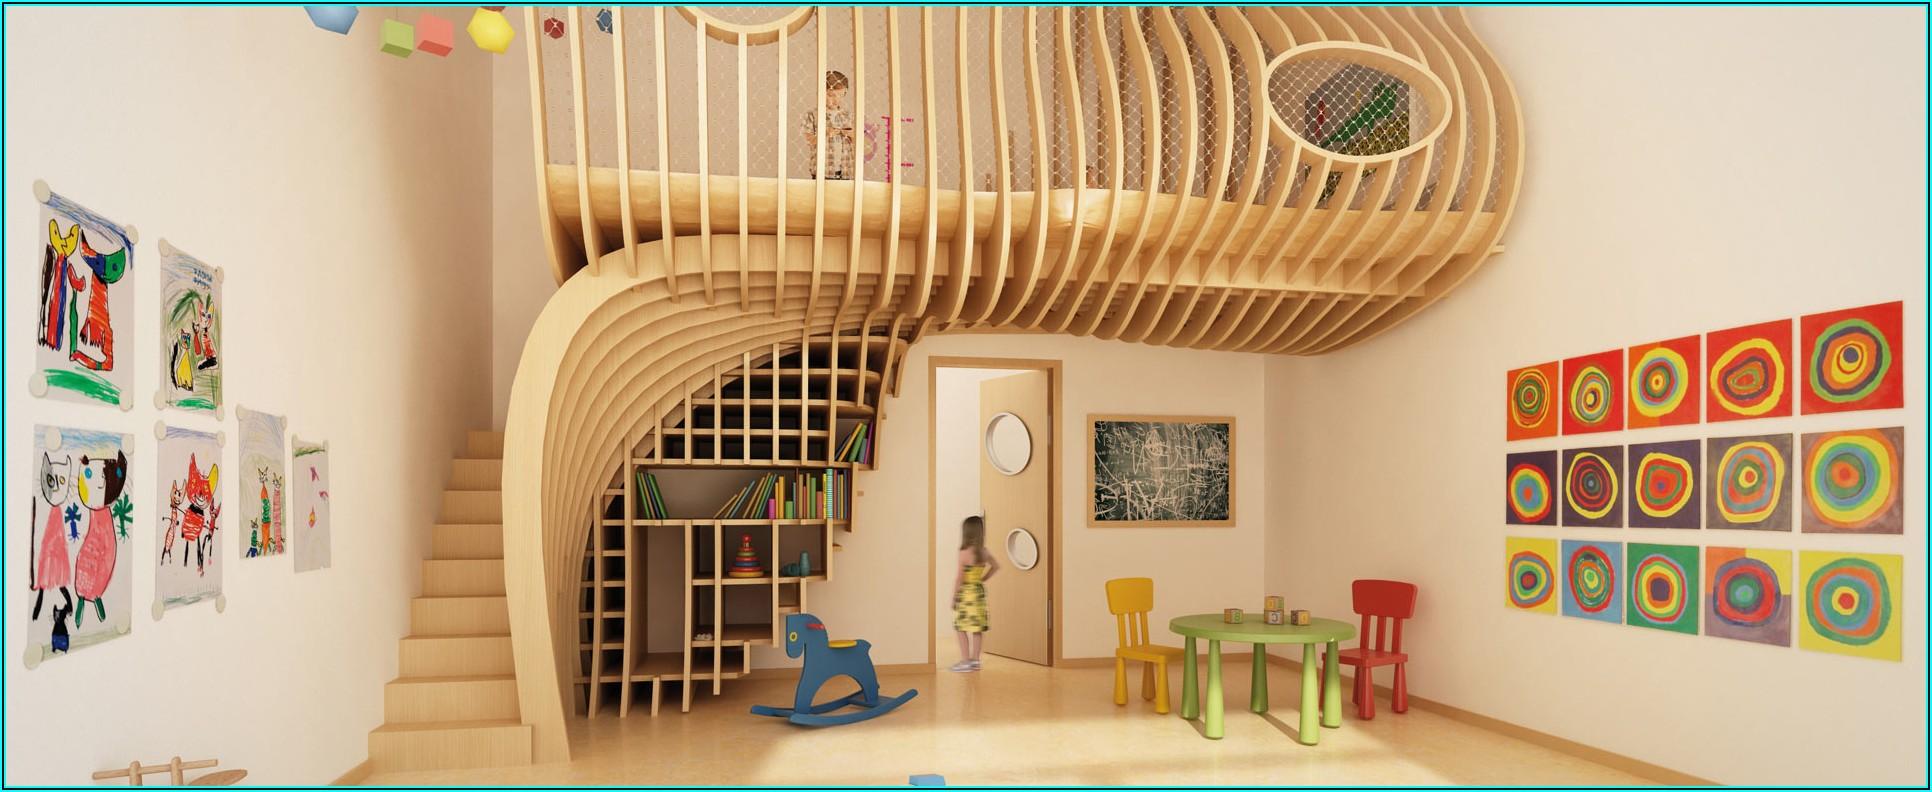 Platzsparende Kinderzimmer Einrichtung